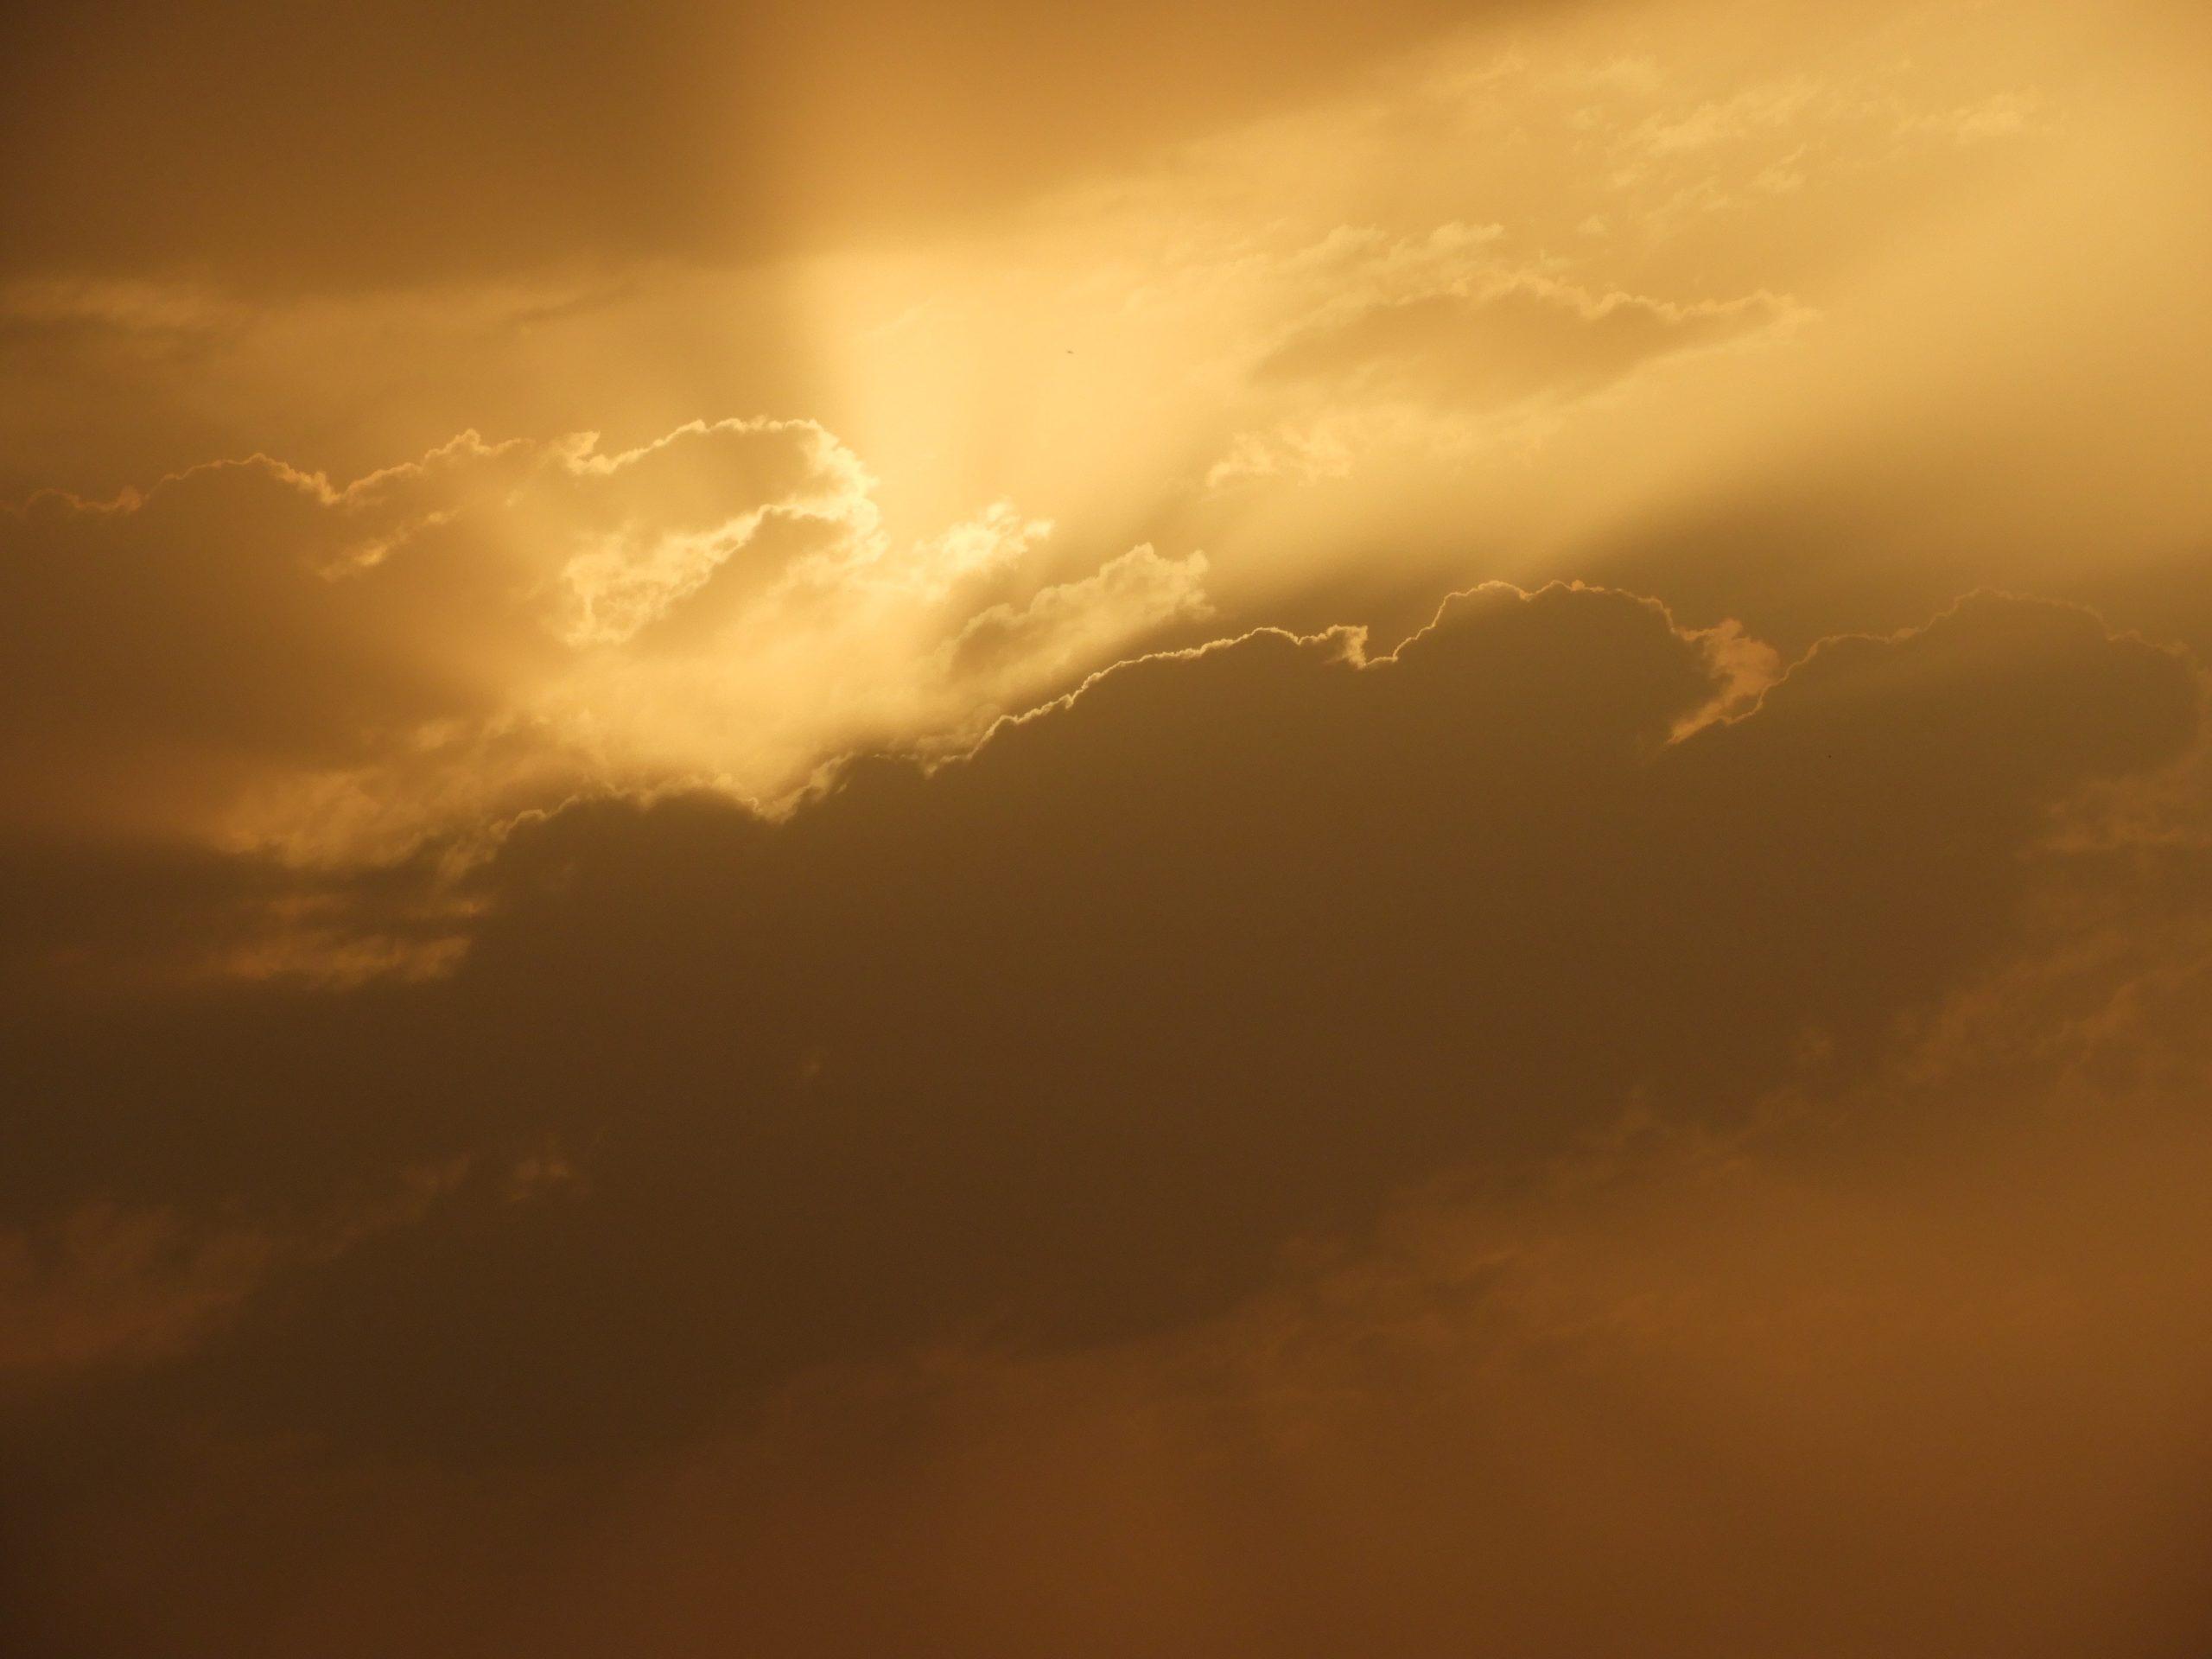 灰色の雲の裏から陽の光